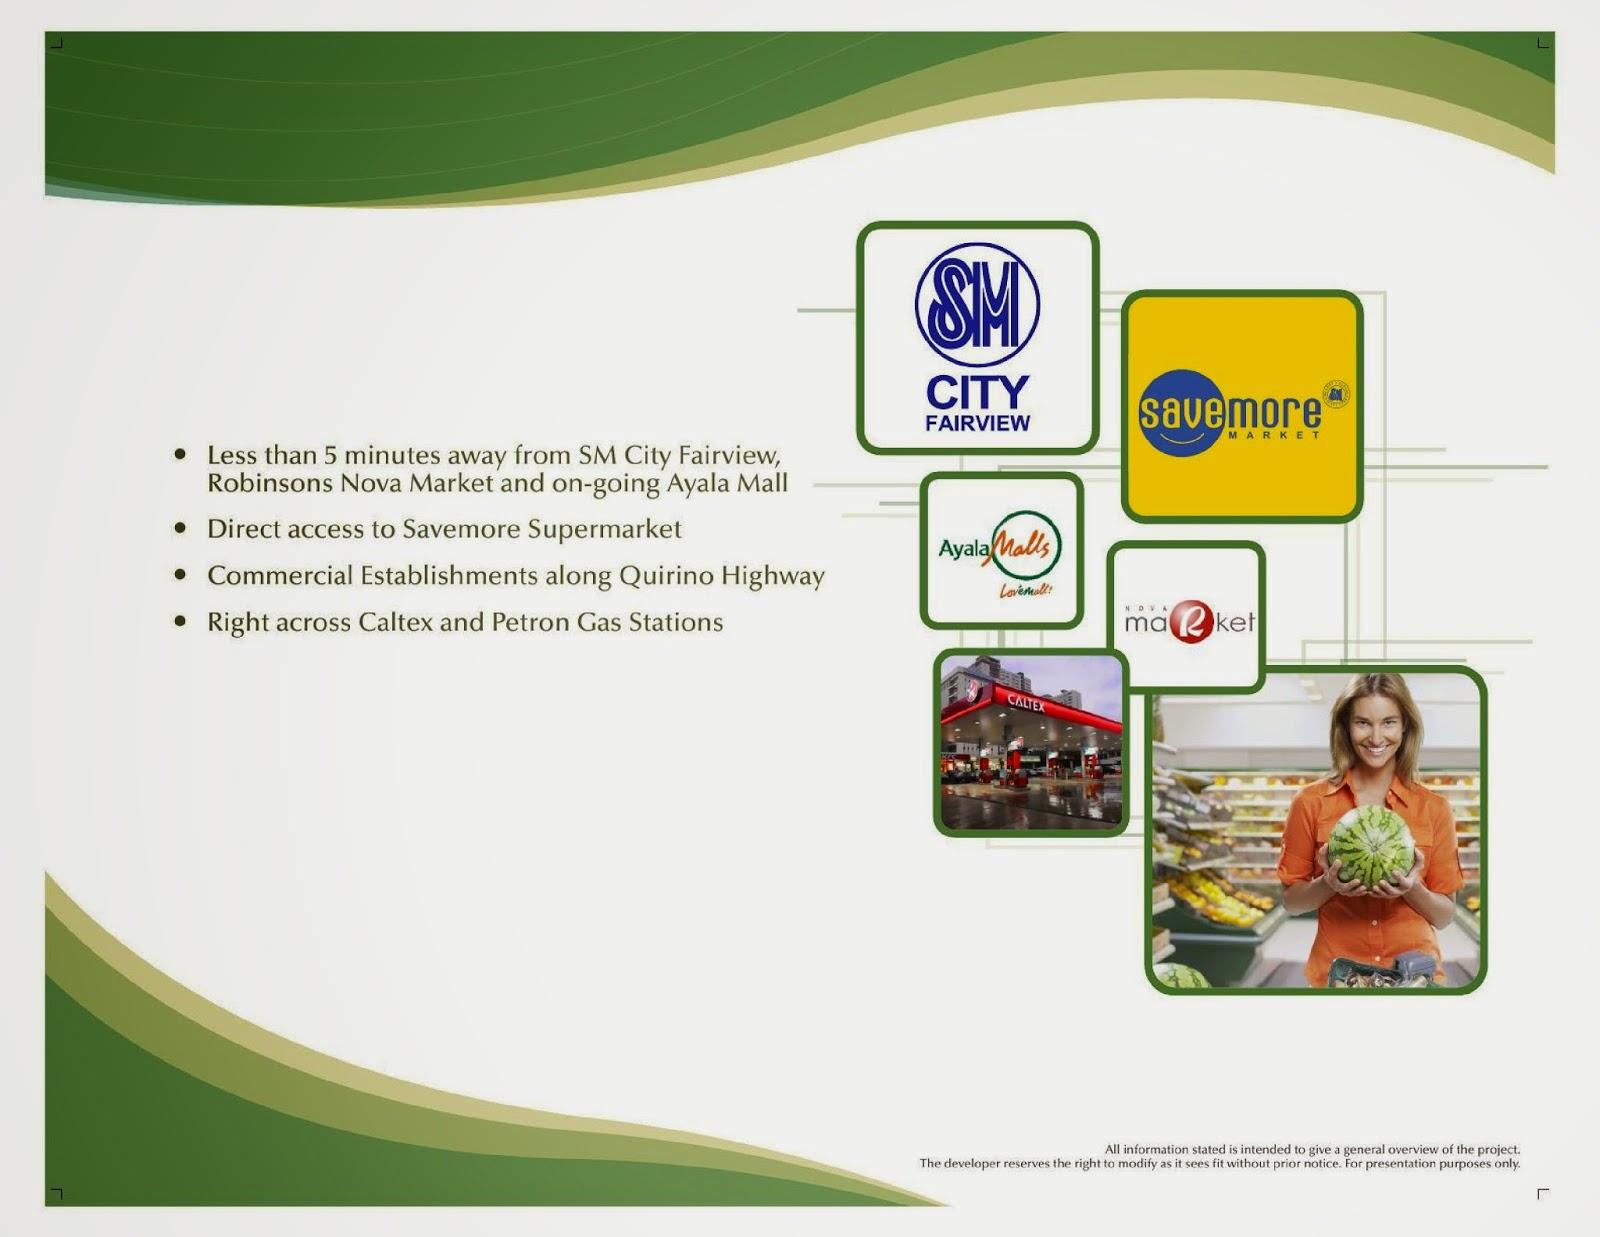 Trees Residences - Quezon City